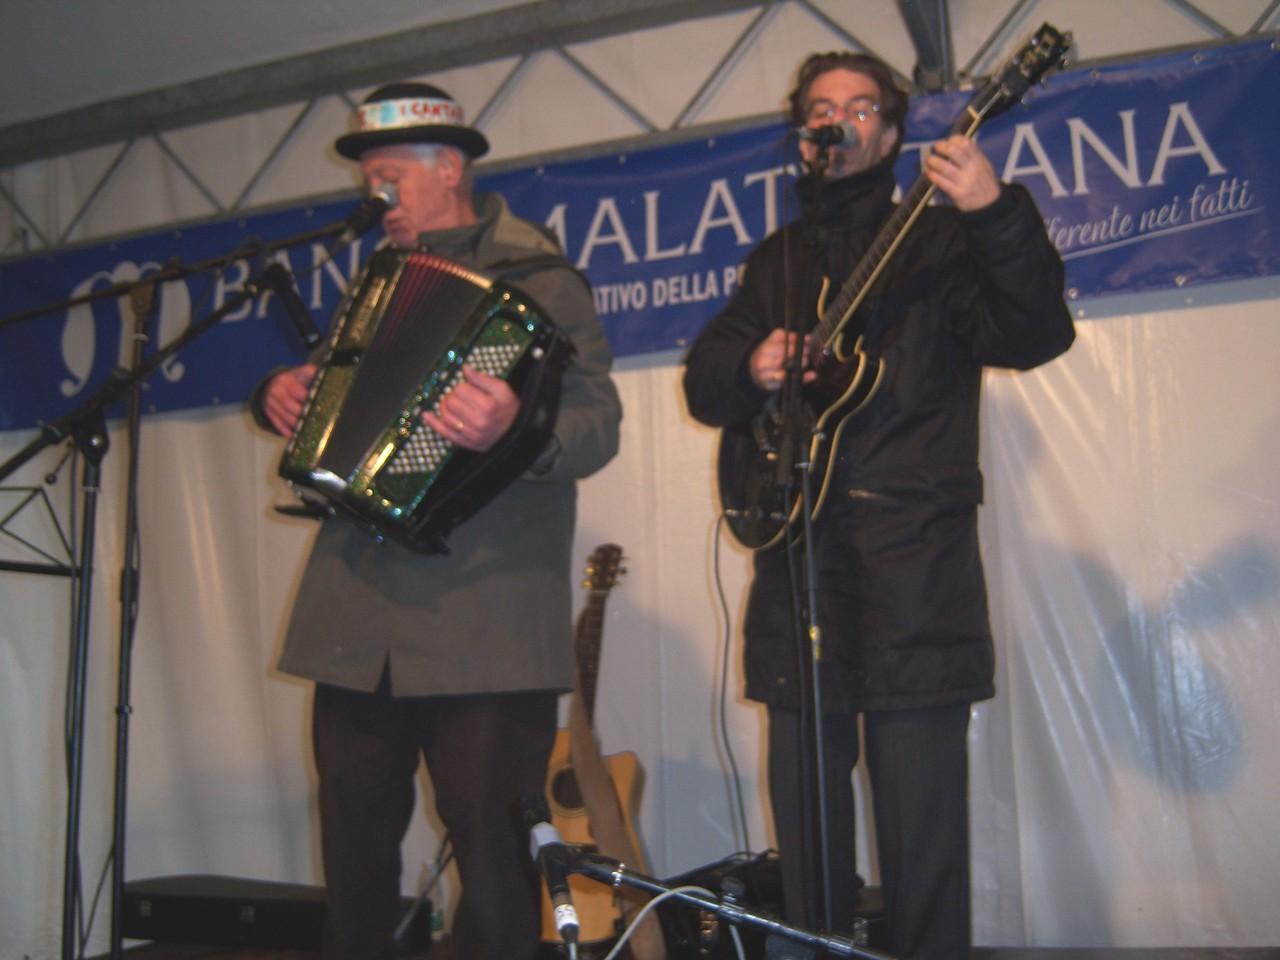 Giuliano Piazza e Federico Berti cantastorie emiliani